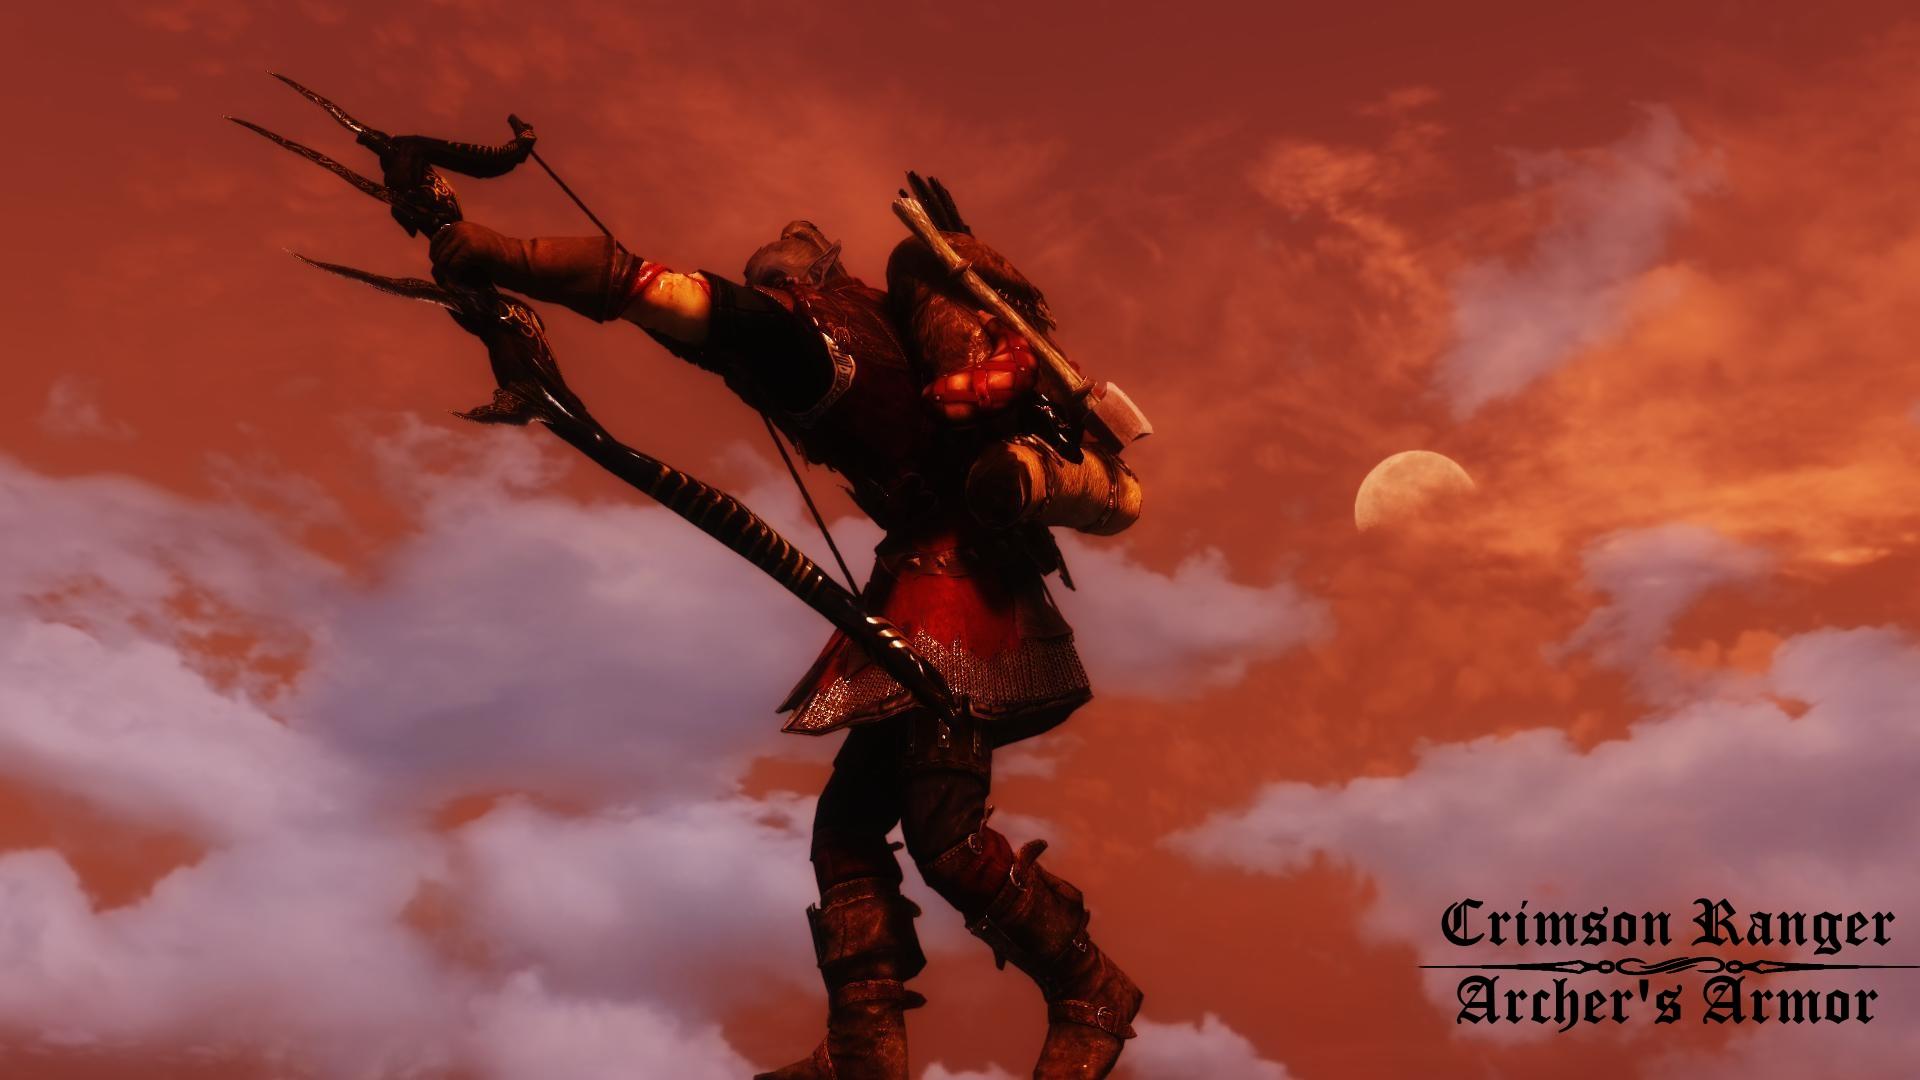 Crimson_Ranger_Archer's_Armor.jpg